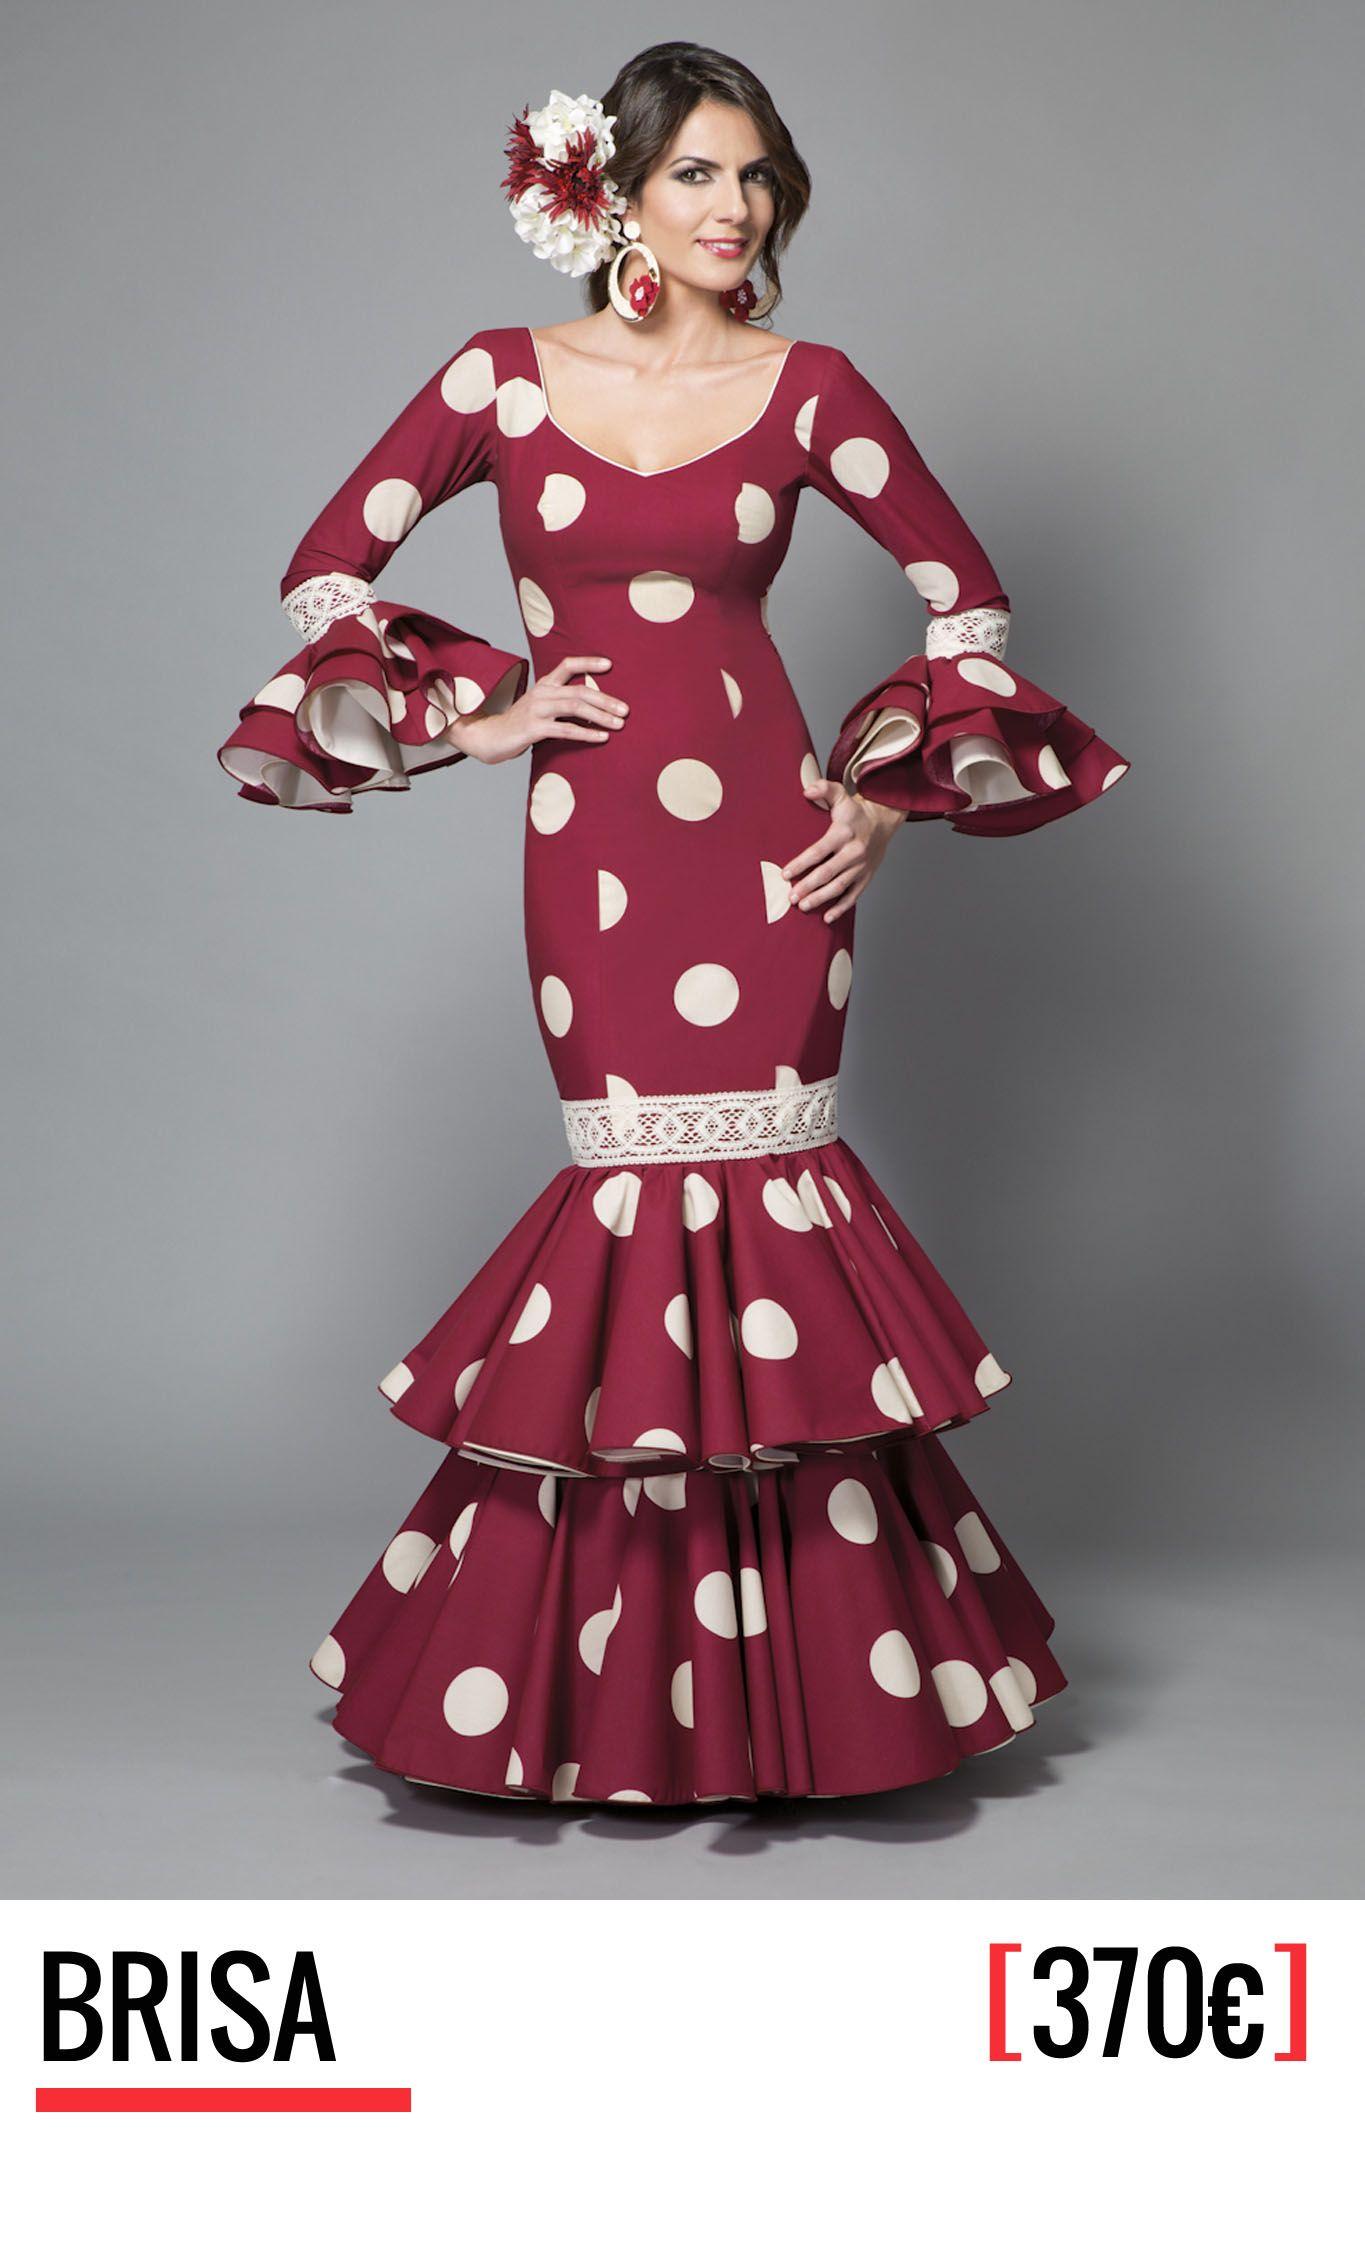 5205c9ff6 Colección 2016 de Aires de Feria, trajes de flamenca. Diseño ...